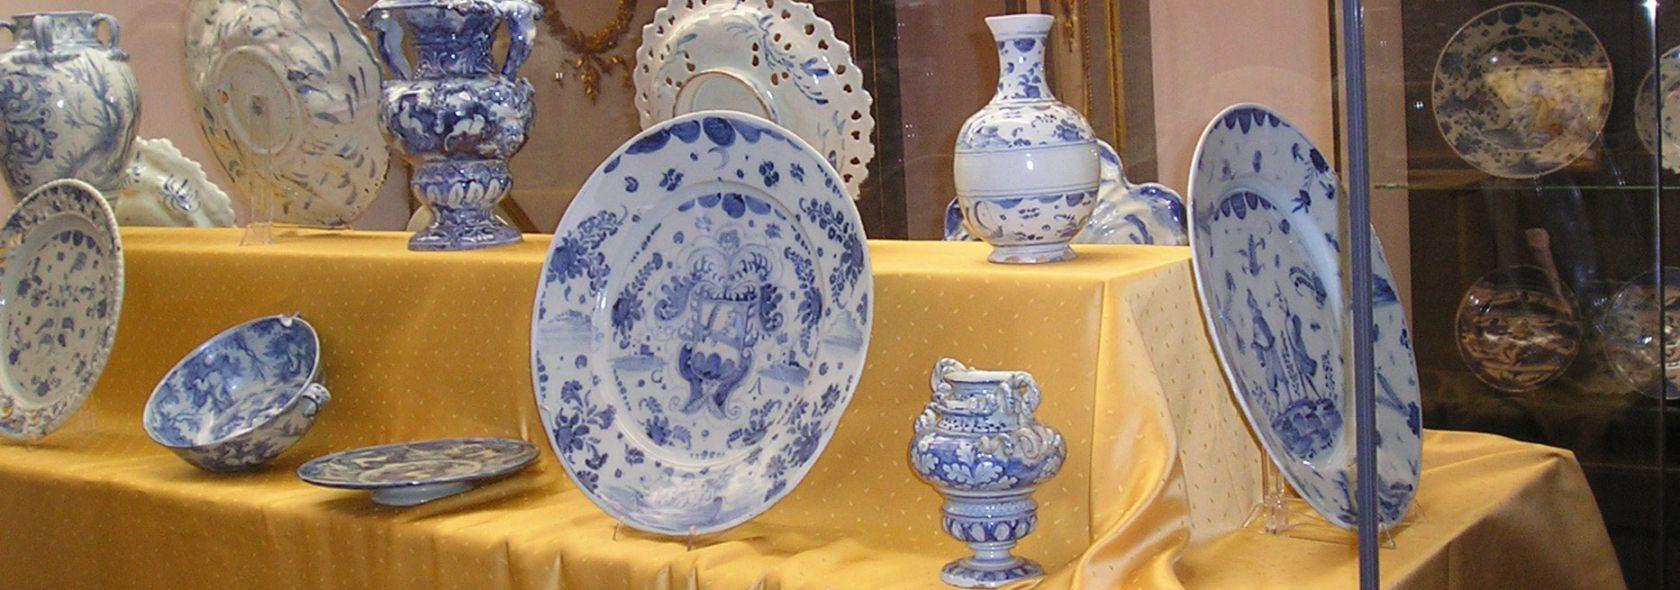 Palazzo Tursi - Sala ceramiche  - © Musei di Strada Nuova